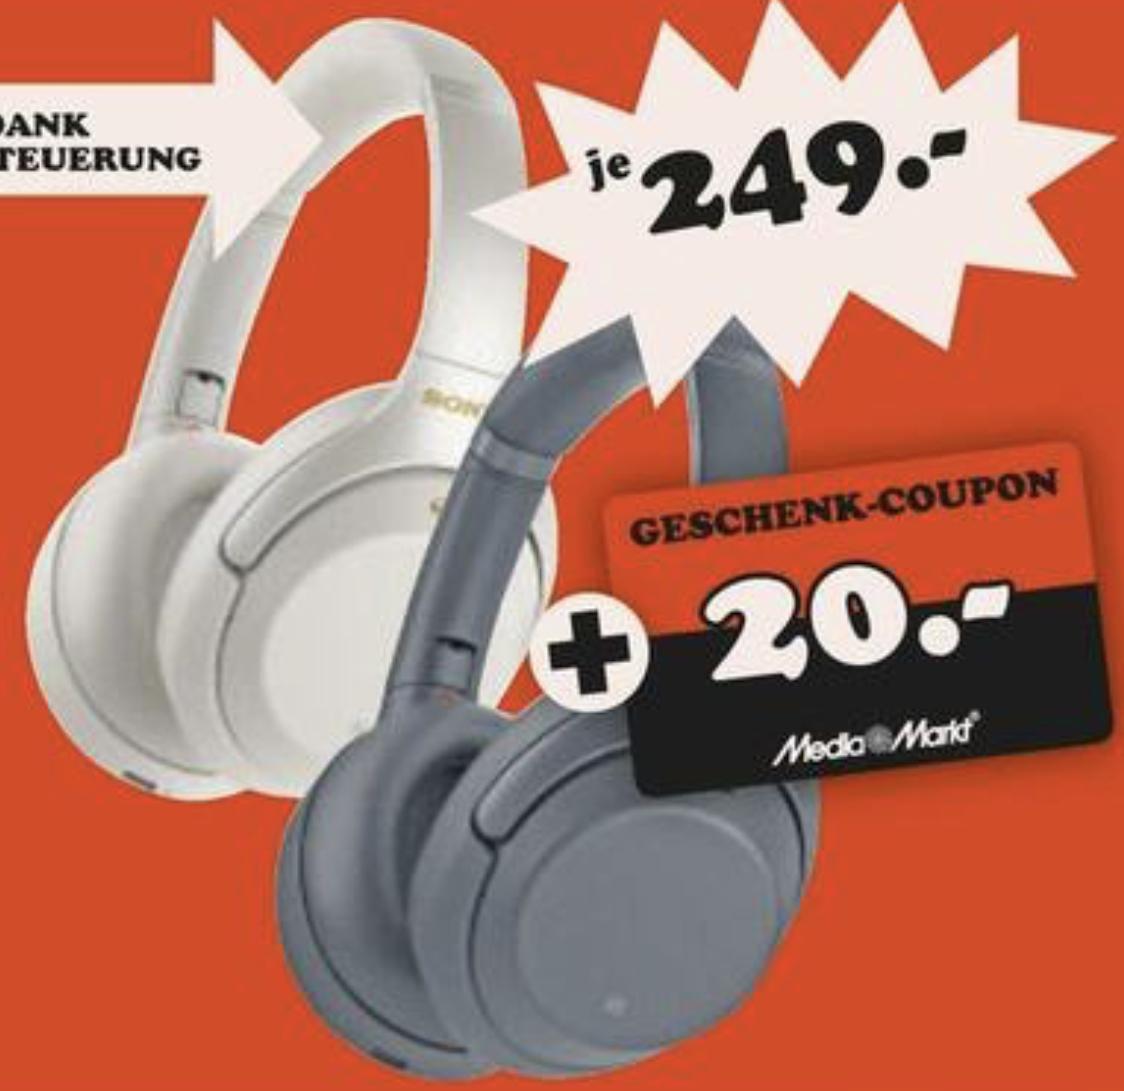 Lokal MediaMarkt Limburg: Sony WH-1000XM3 Bluetooth Kopfhörer + 20€ Geschenk-Coupon für 249€